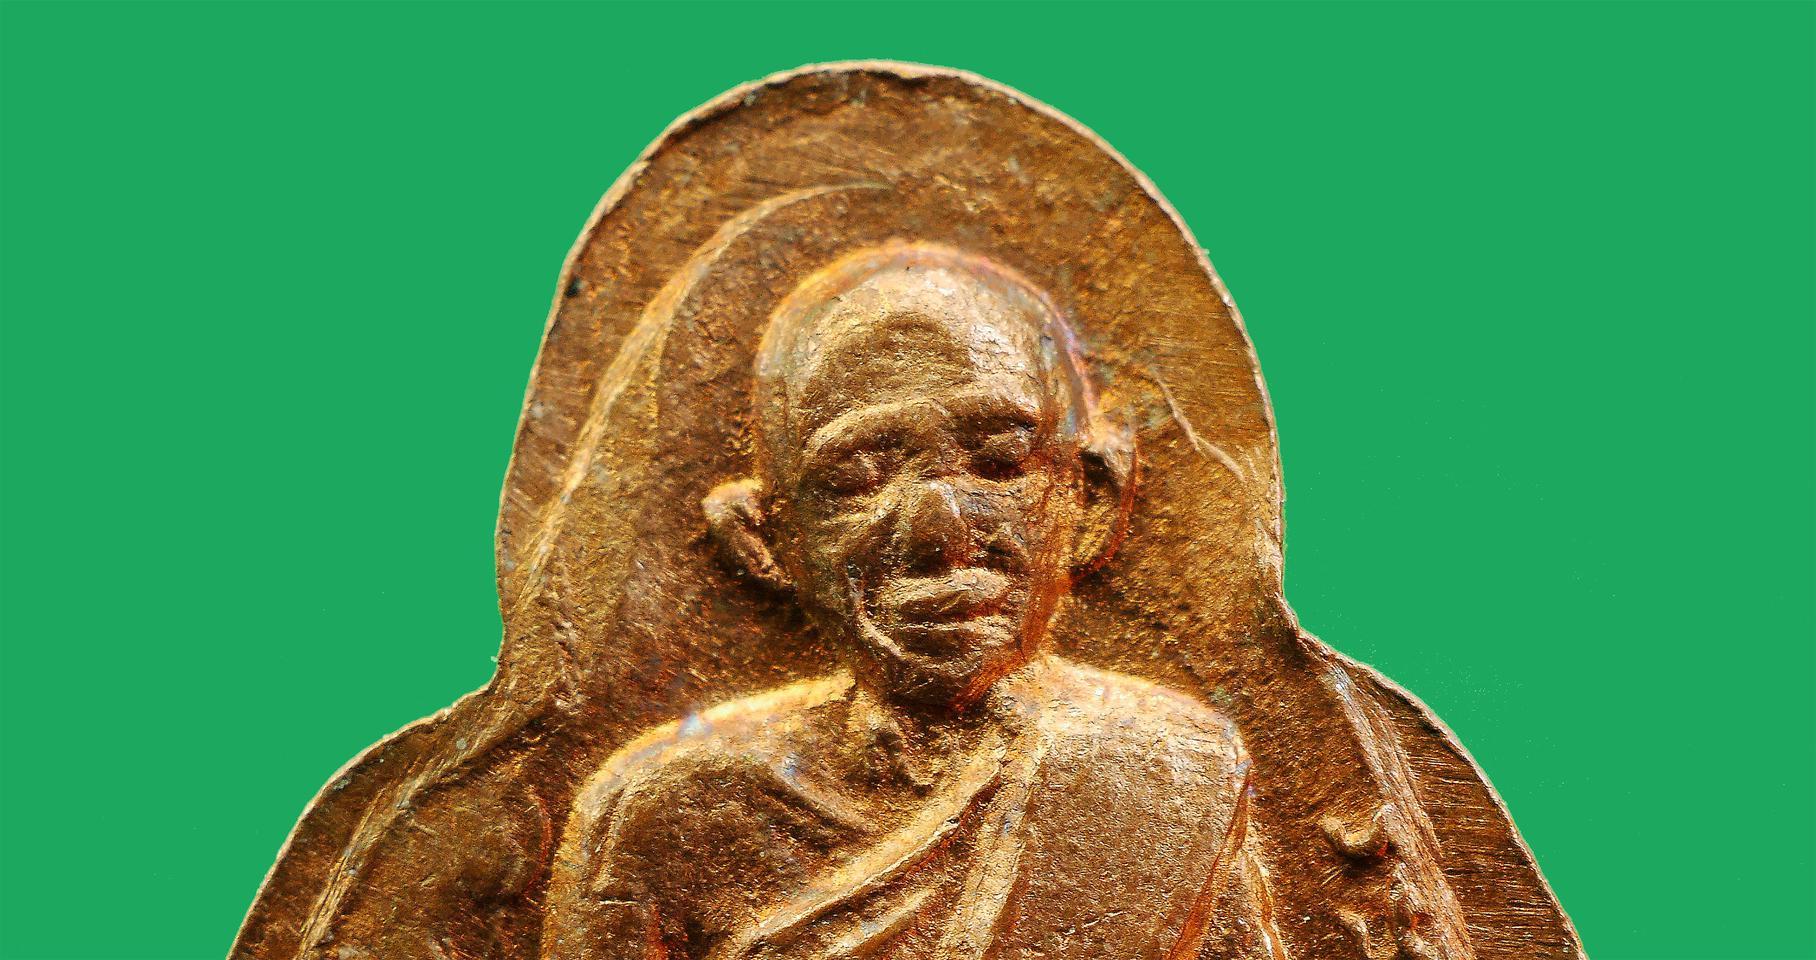 พระปิดตาหลังรูปเหมือน หลวงปู่ทิม วัดละหารไร่ ปี พ.ศ.2517...สวยเดิม รูปที่ 5